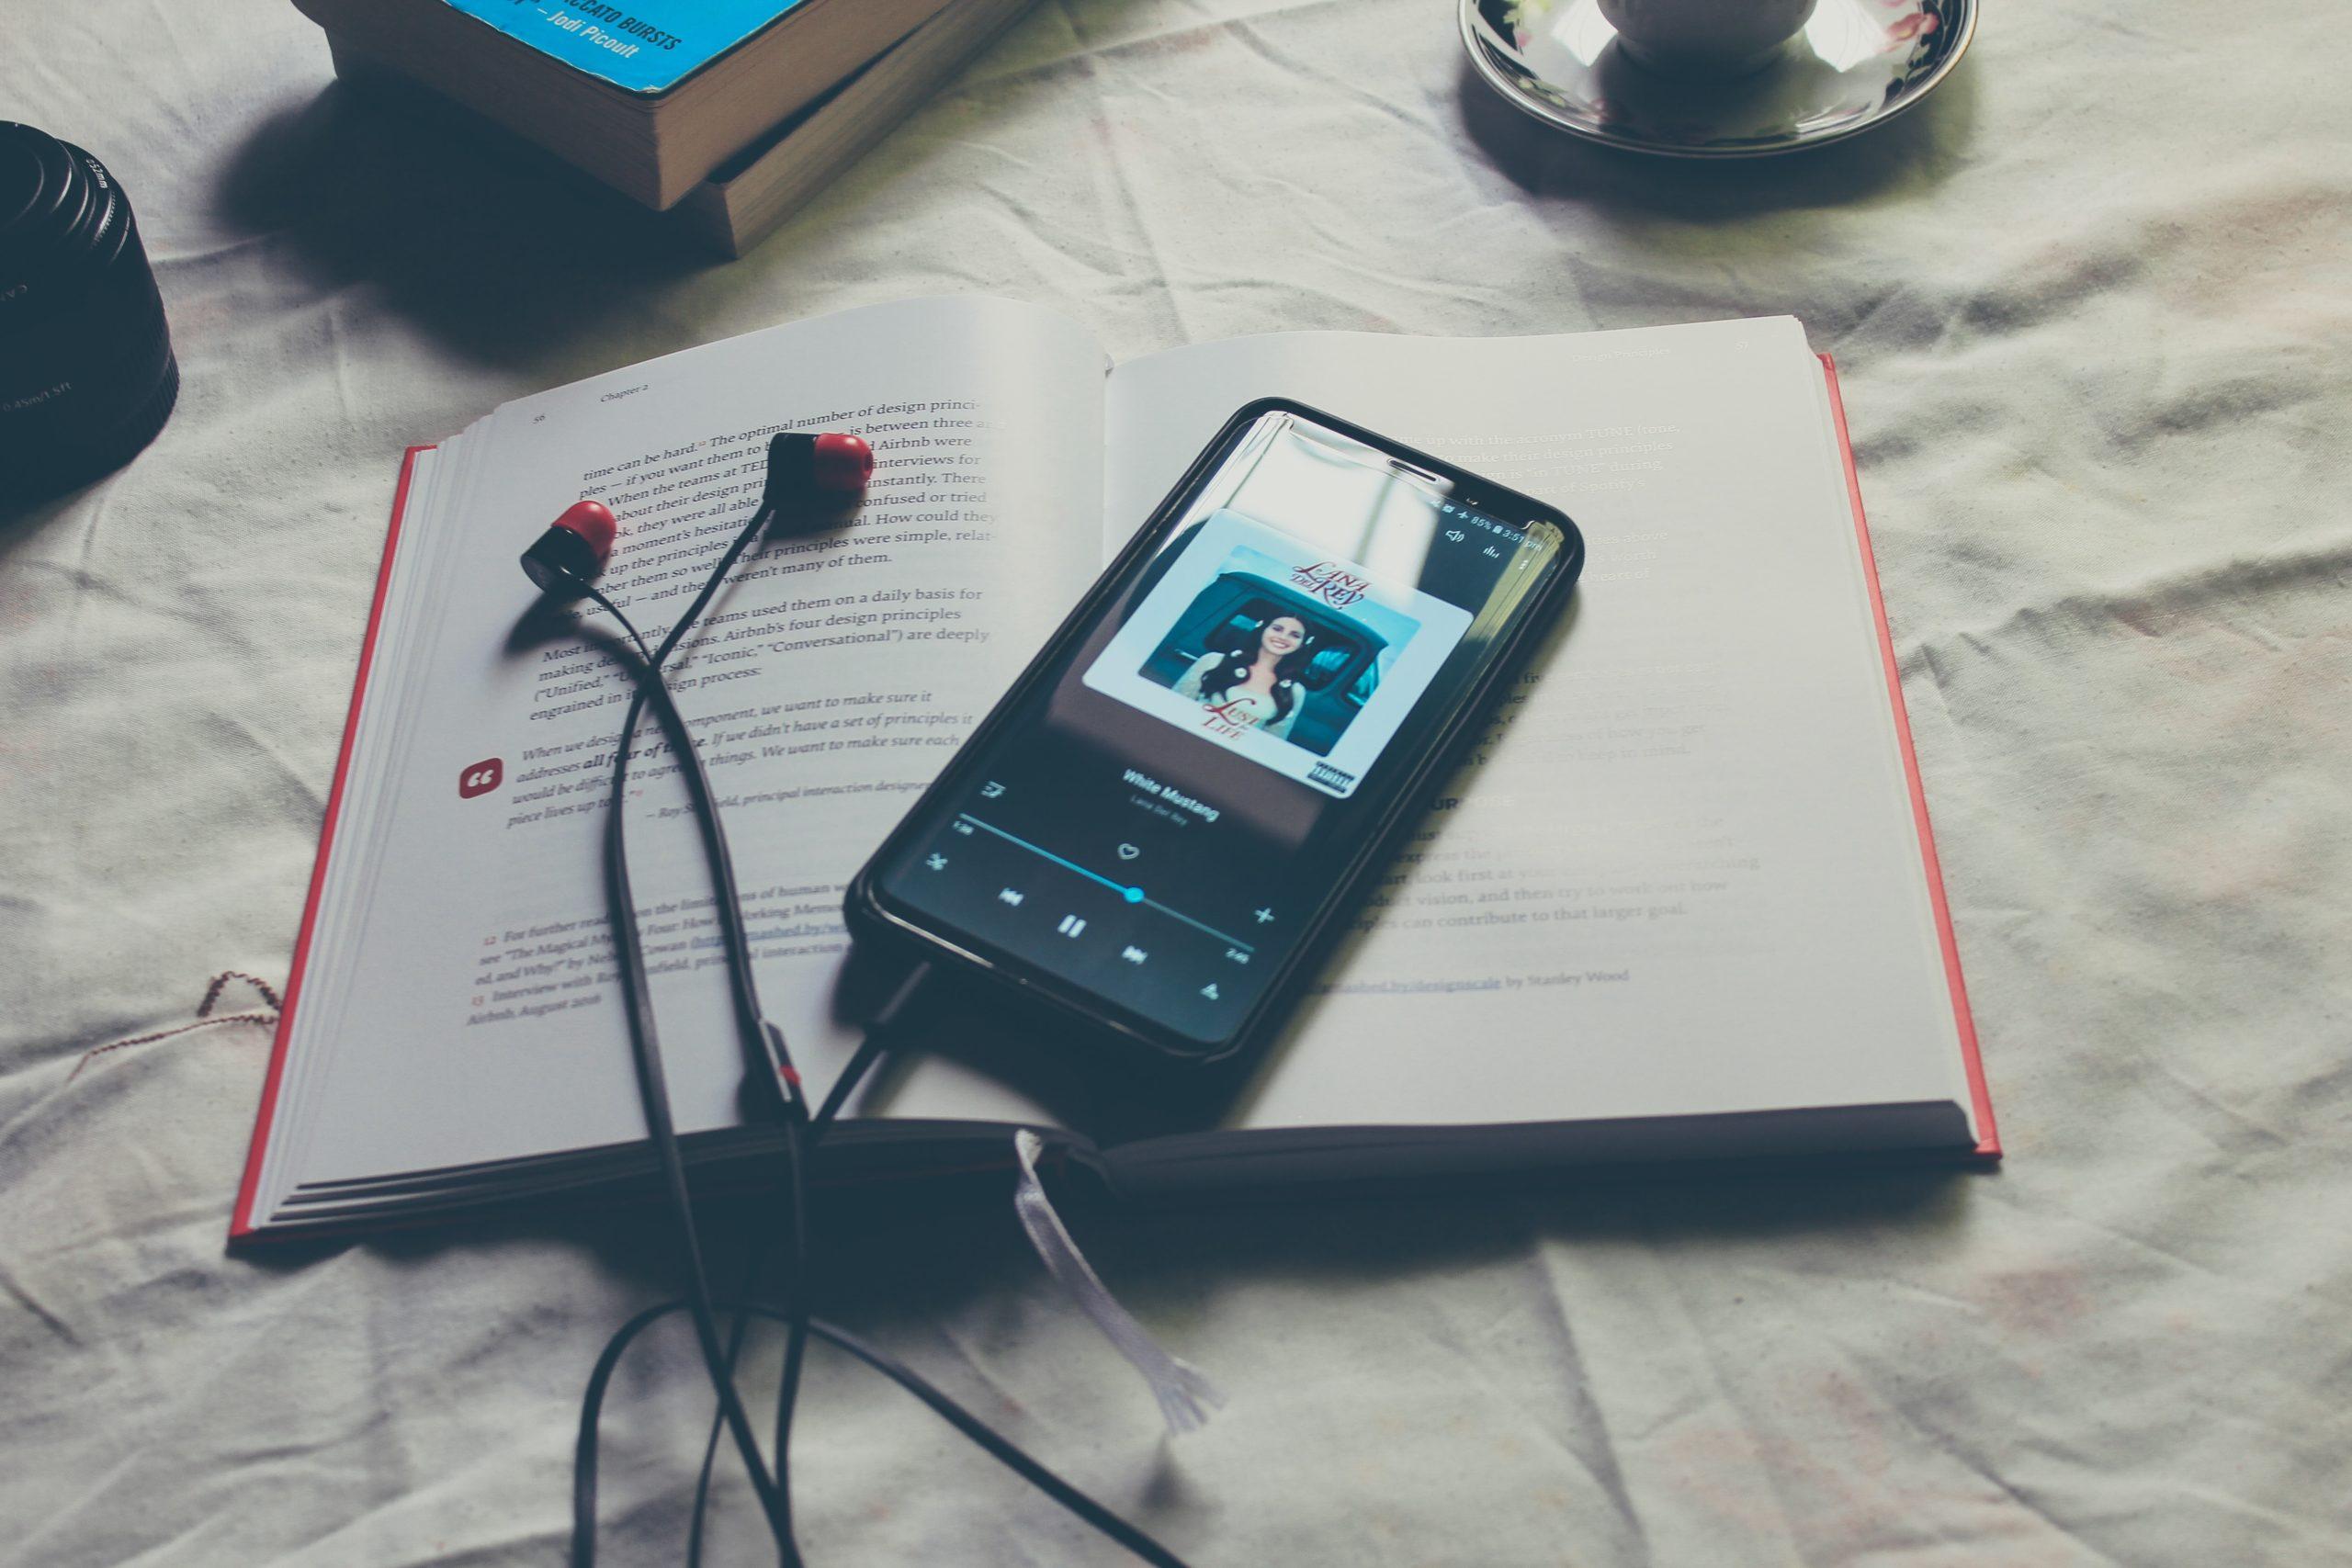 オーディオブック聴き放題でおすすめランキング5選【プライベートやビジネスの悩みを解決できる実践付きを対象】